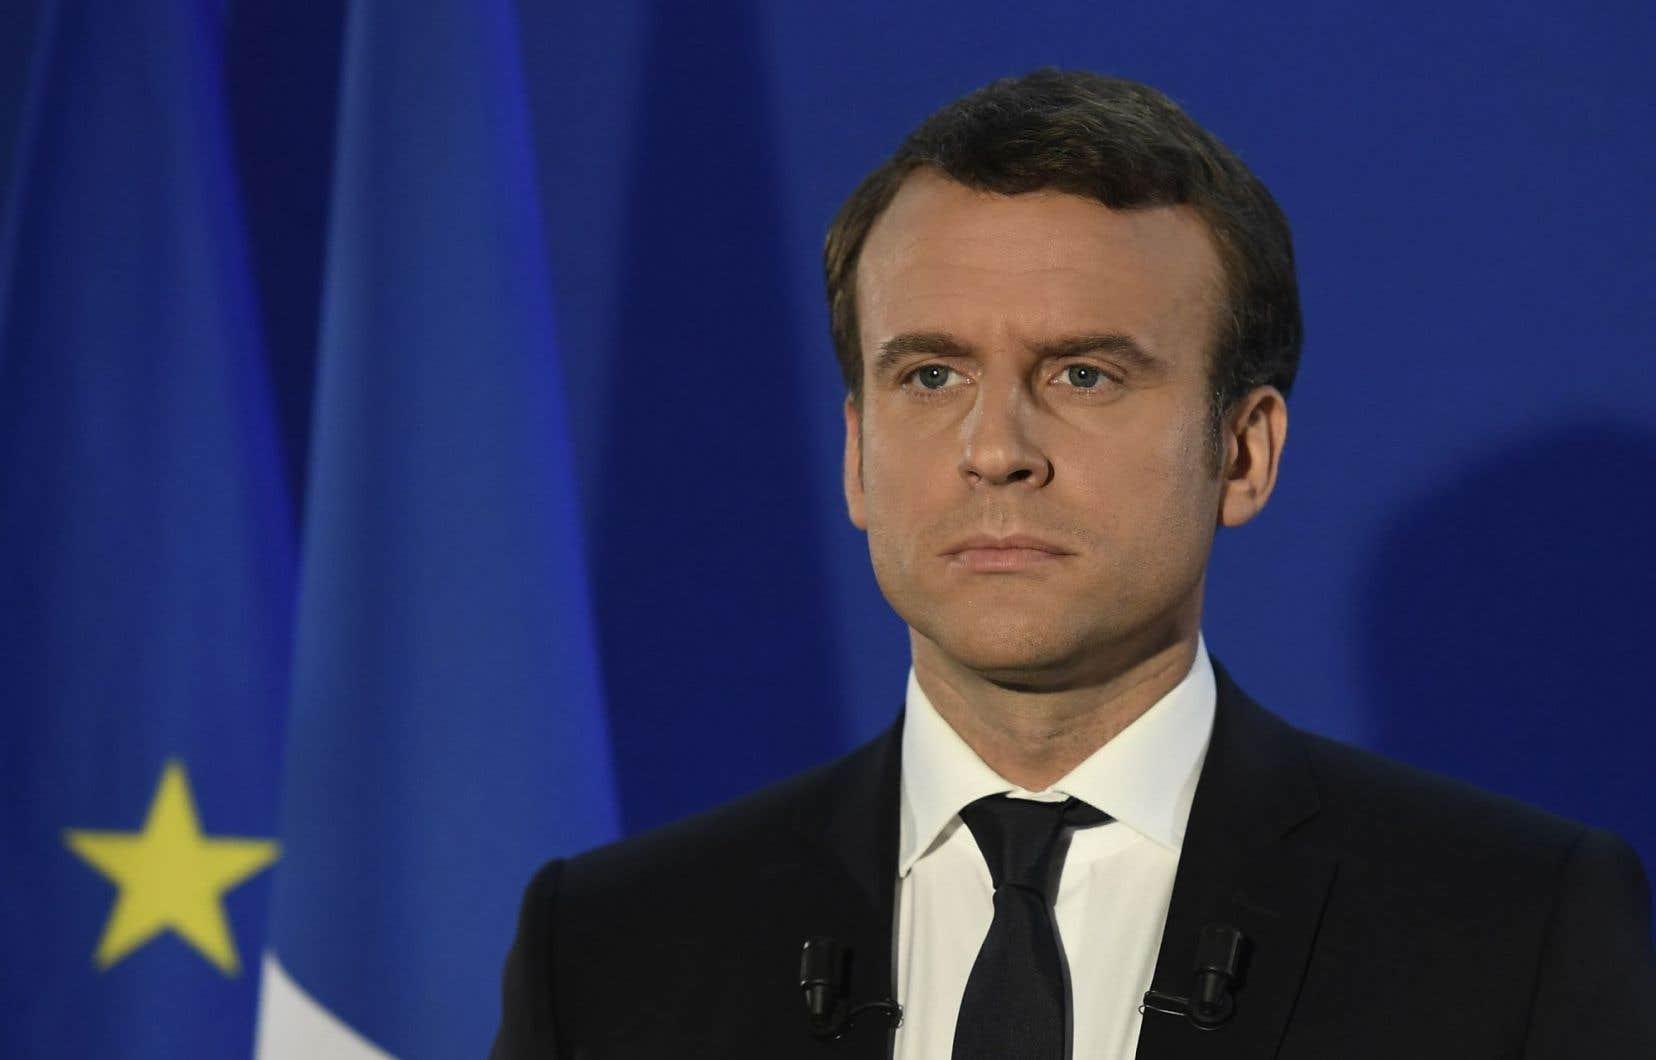 Des chantiers majeurs attendent le prochain président français, Emmanuel Macron, entré en politique en 2012 après avoir été banquier d'affaires.